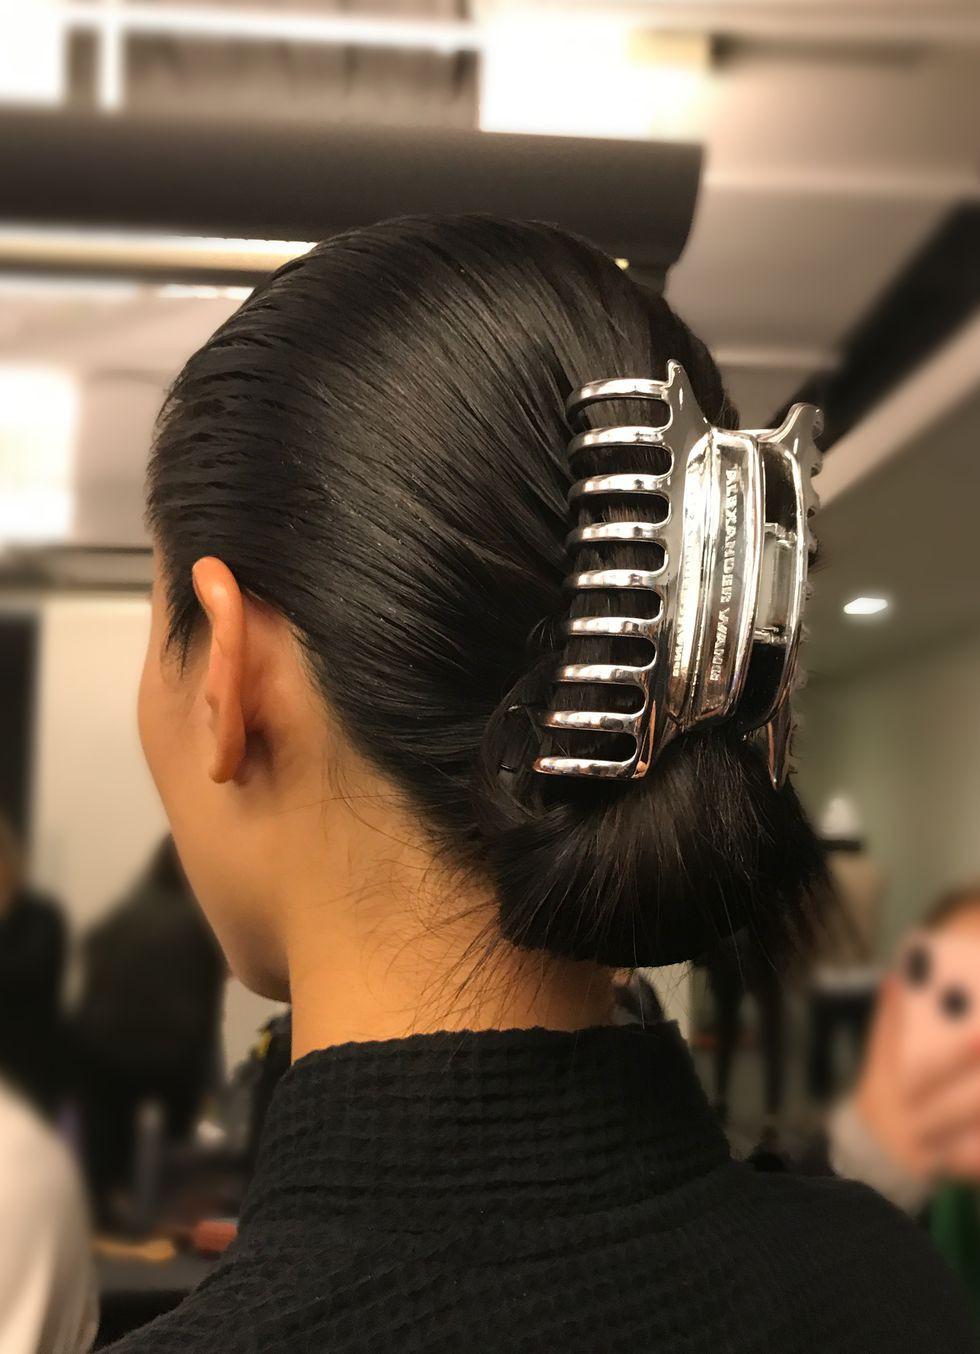 Kẹp tóc từ đời ơ kìa giờ lại tung hoành tại show Alexander Wang trong khuôn khổ NYFW - Ảnh 4.